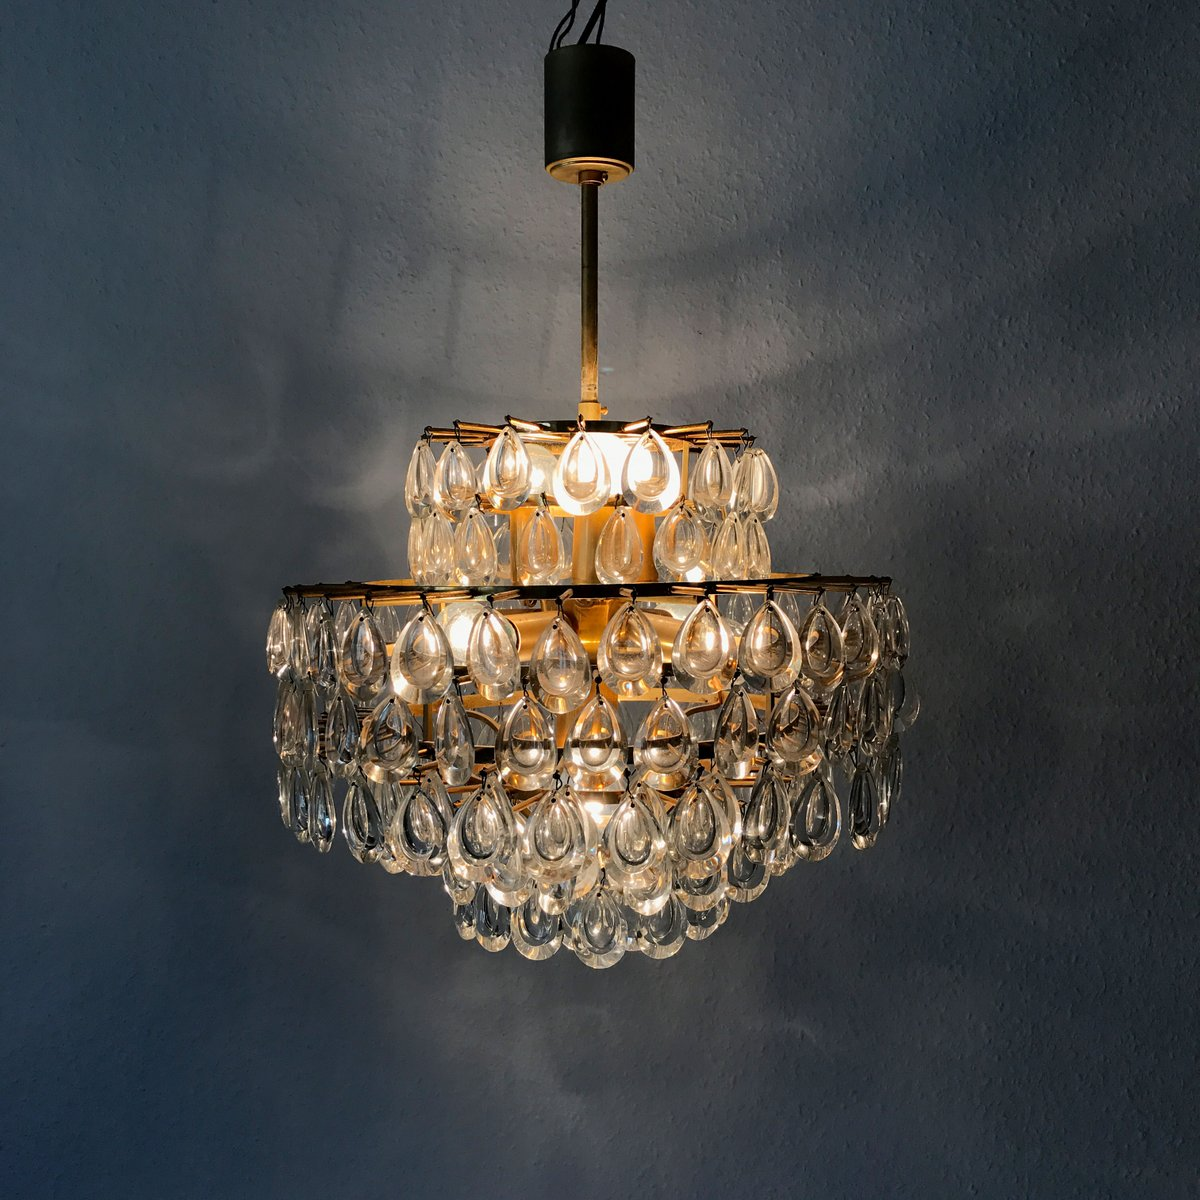 mid century kristall kronleuchter von palwa 1960er bei. Black Bedroom Furniture Sets. Home Design Ideas